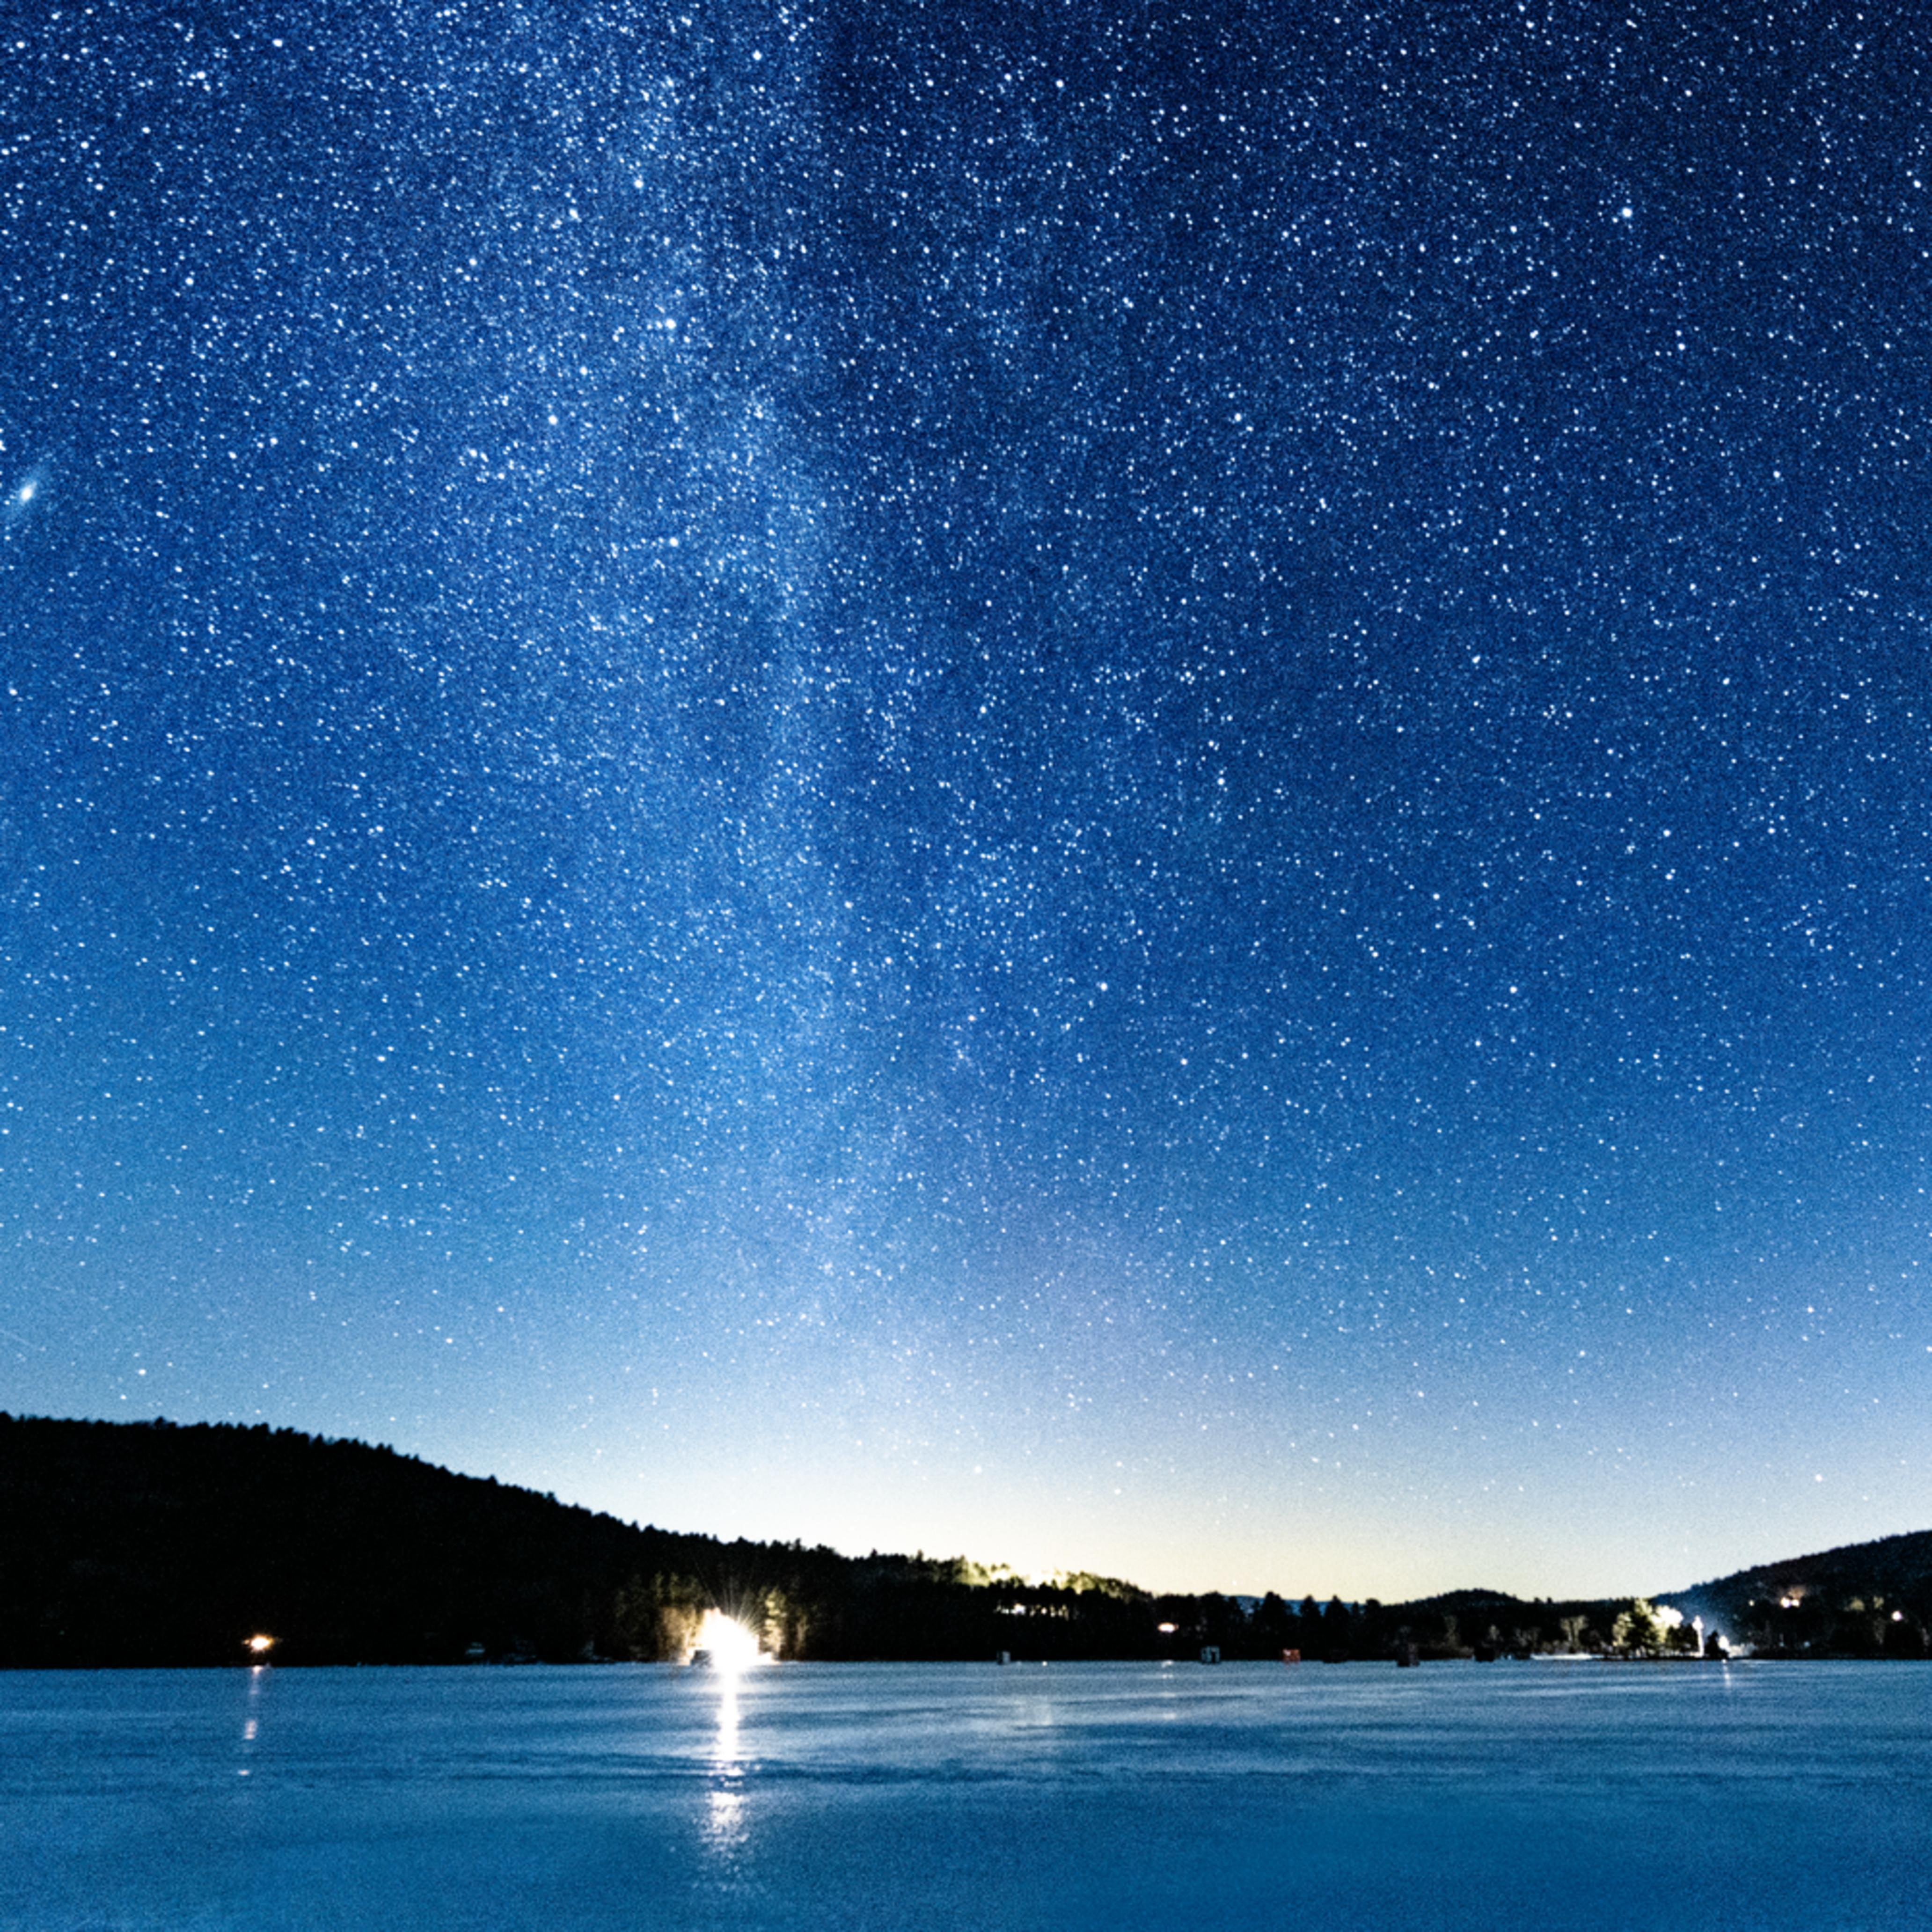 Frozen north pond stars 2 ot7tky